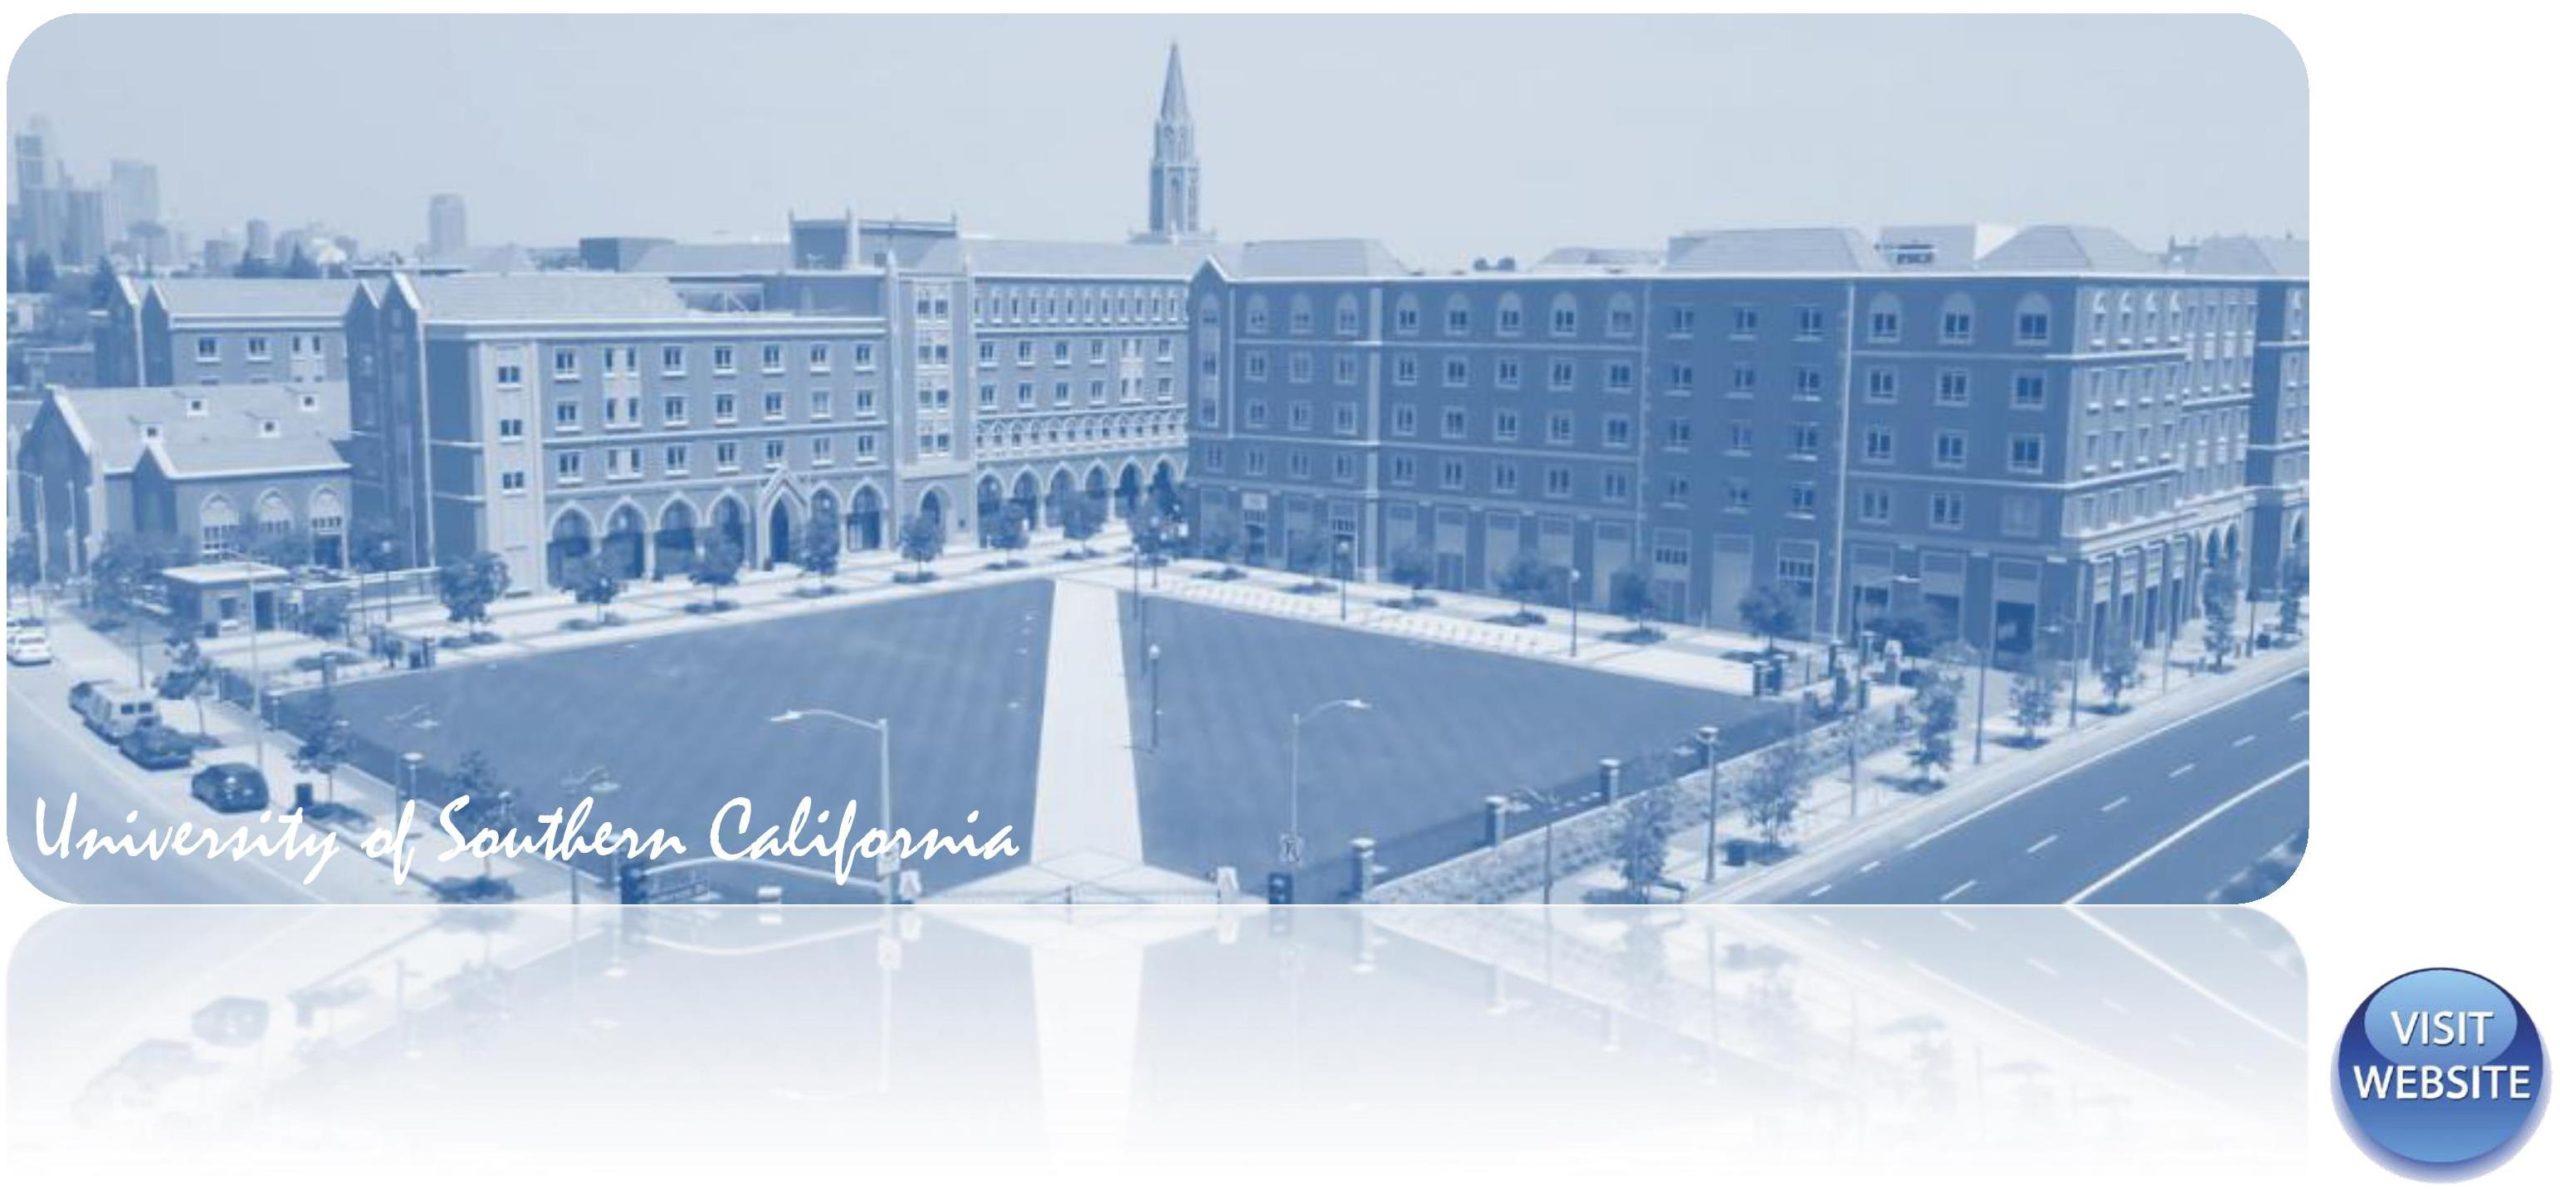 University of Southern California USA